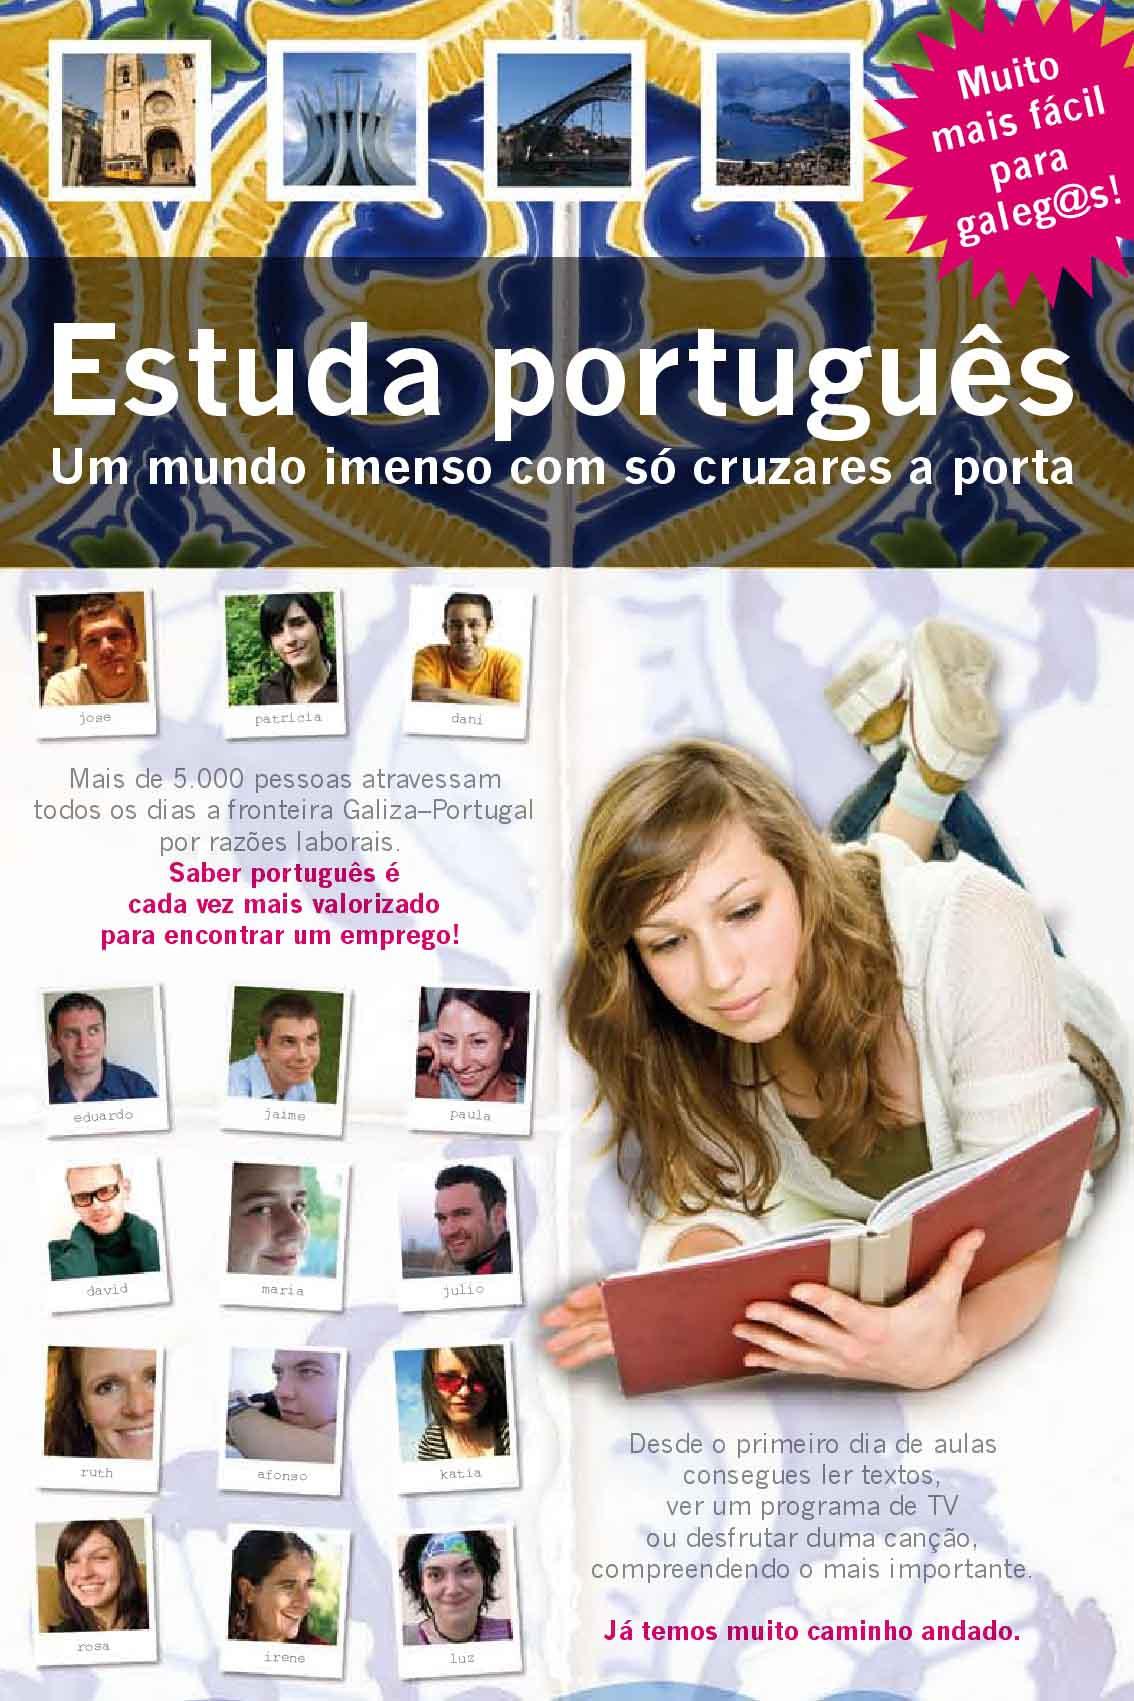 Estuda-portugues-001